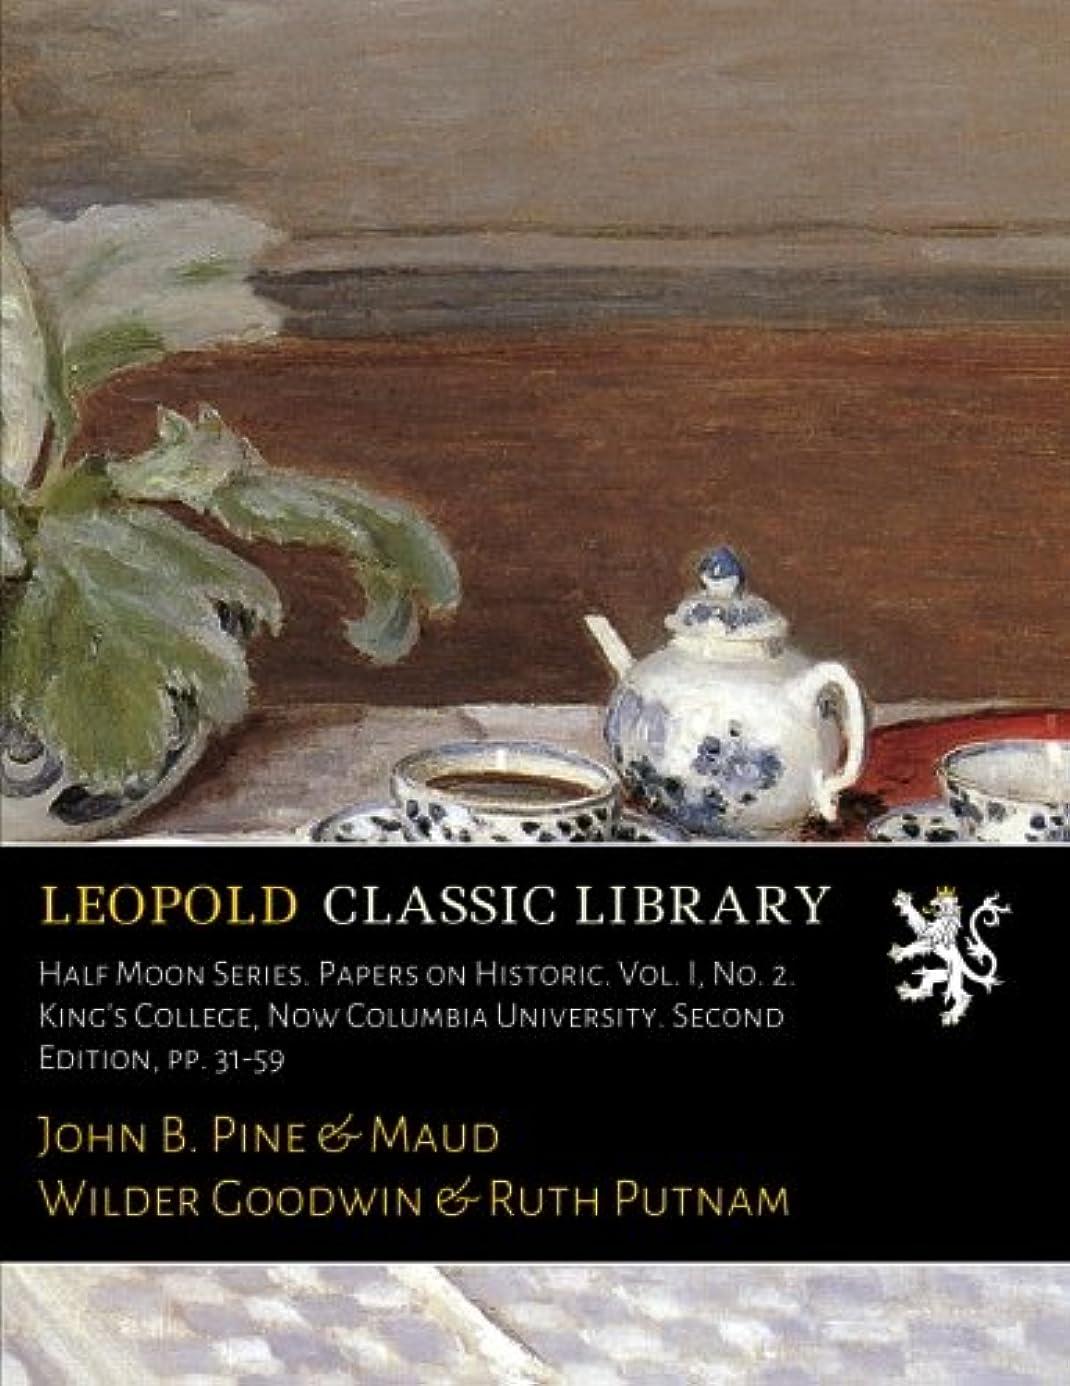 ビール突破口検出Half Moon Series. Papers on Historic. Vol. I, No. 2. King's College, Now Columbia University. Second Edition, pp. 31-59